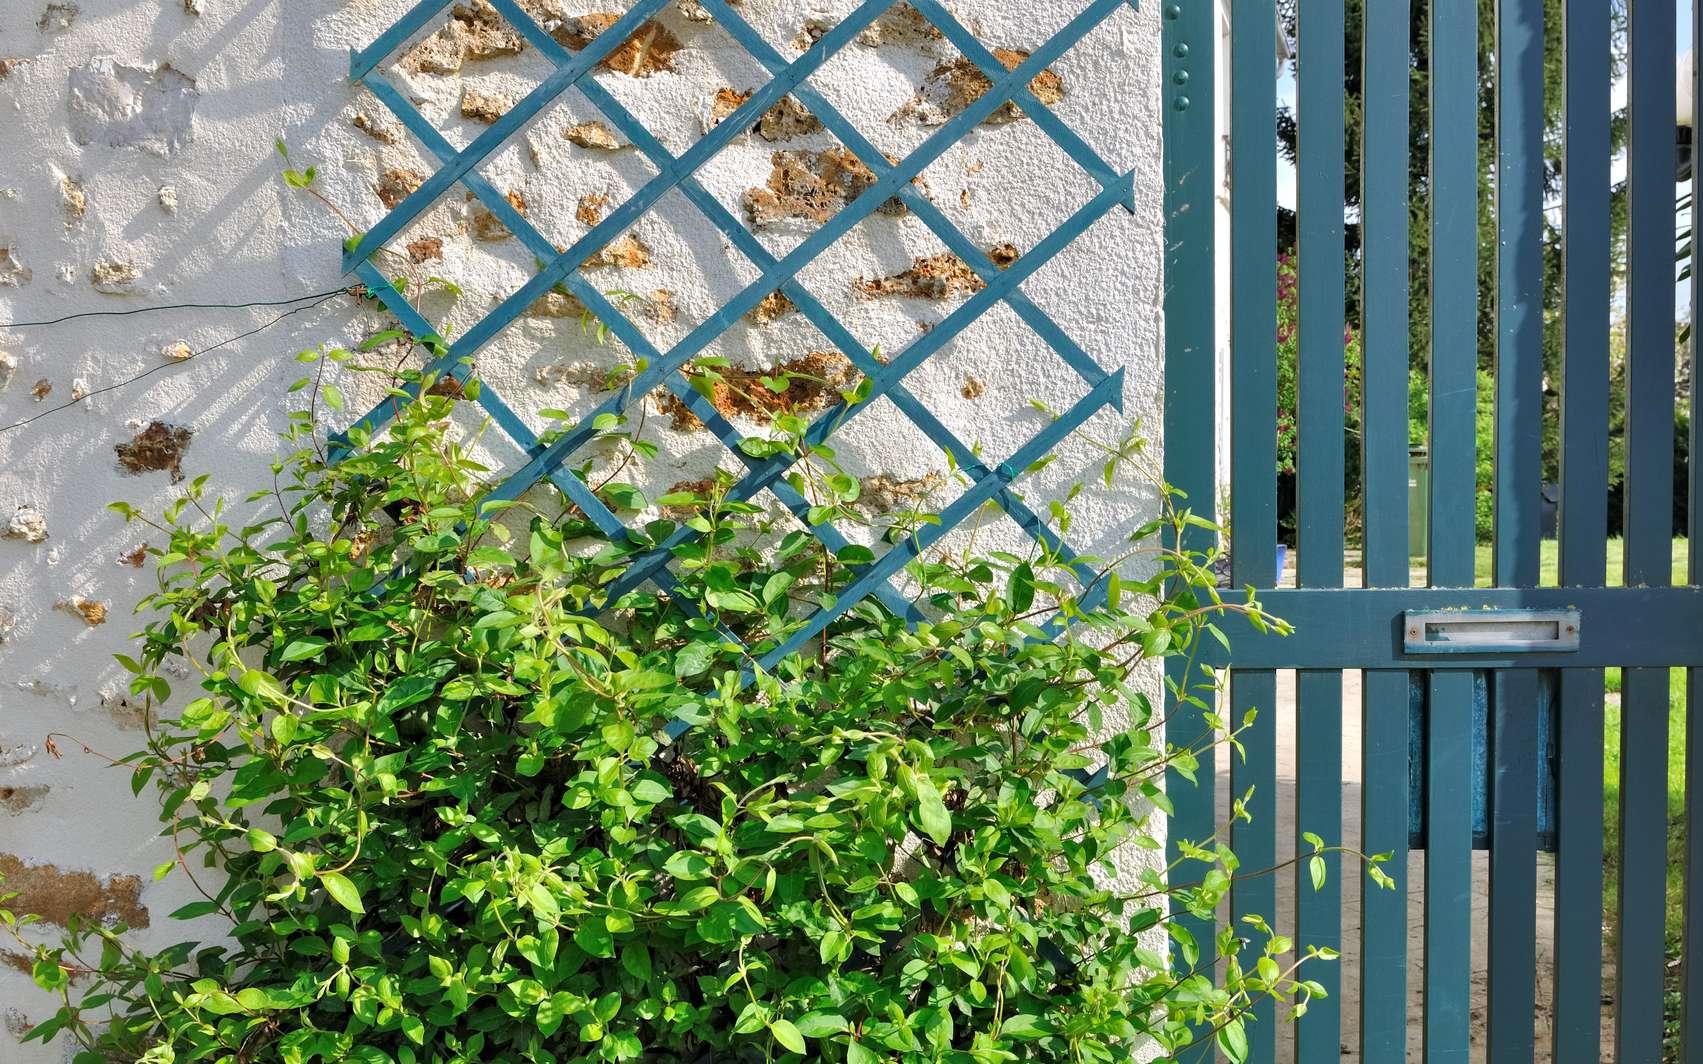 Comment Installer Un Treillage Dans Un Jardin ? concernant Croisillon Jardin